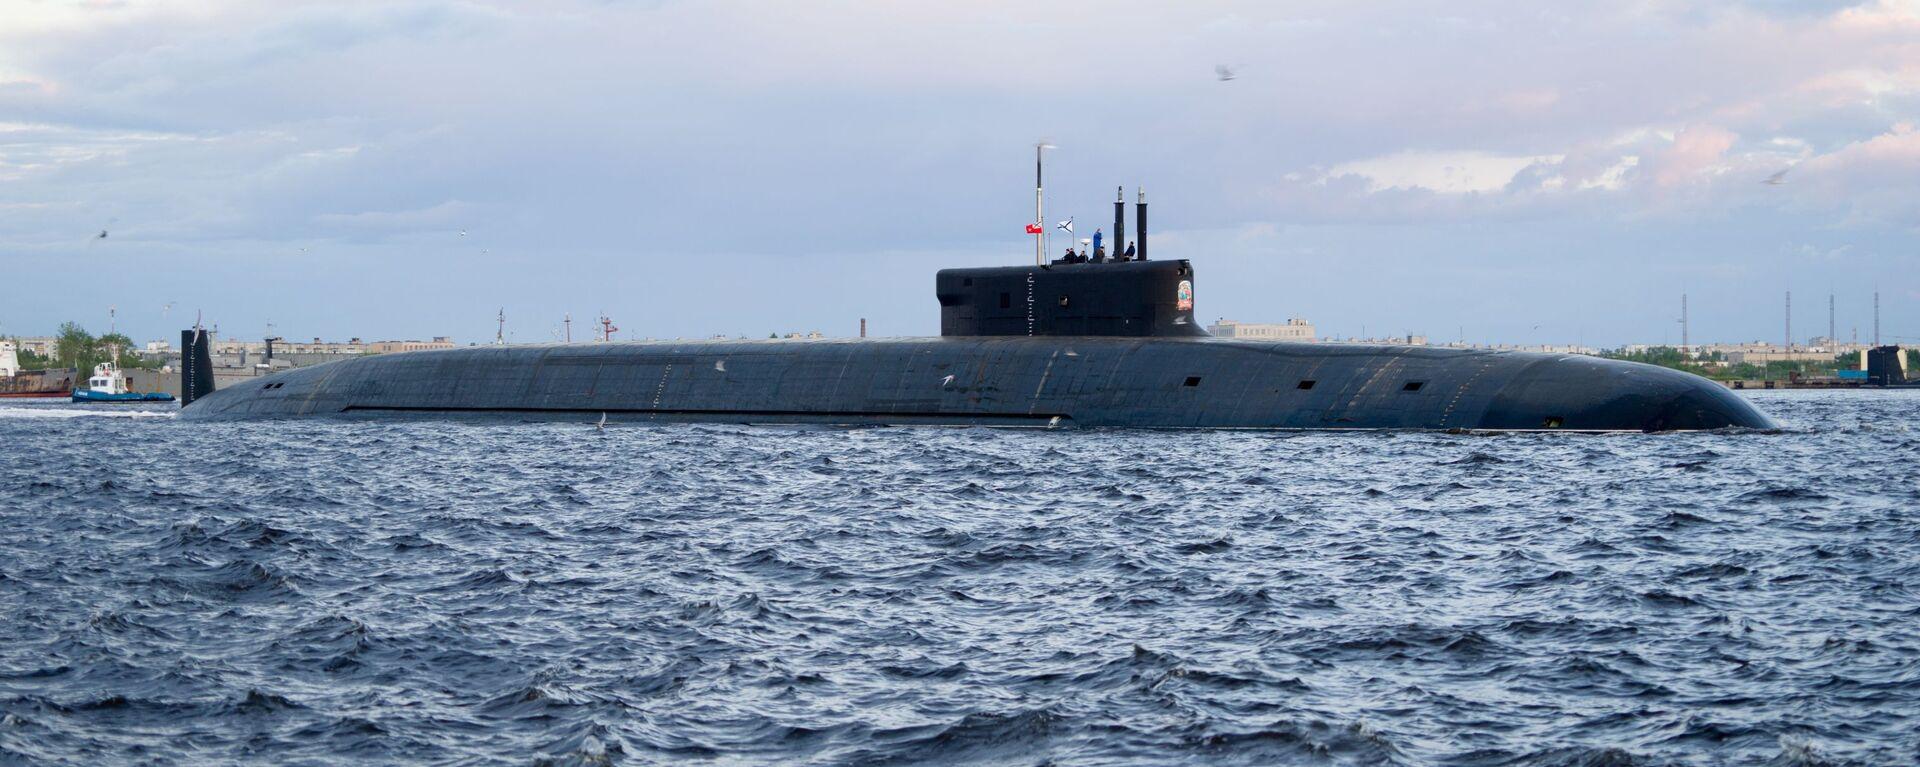 Нуклеарна подморница пројекта Бореј Кнез Владимир - Sputnik Србија, 1920, 19.07.2021